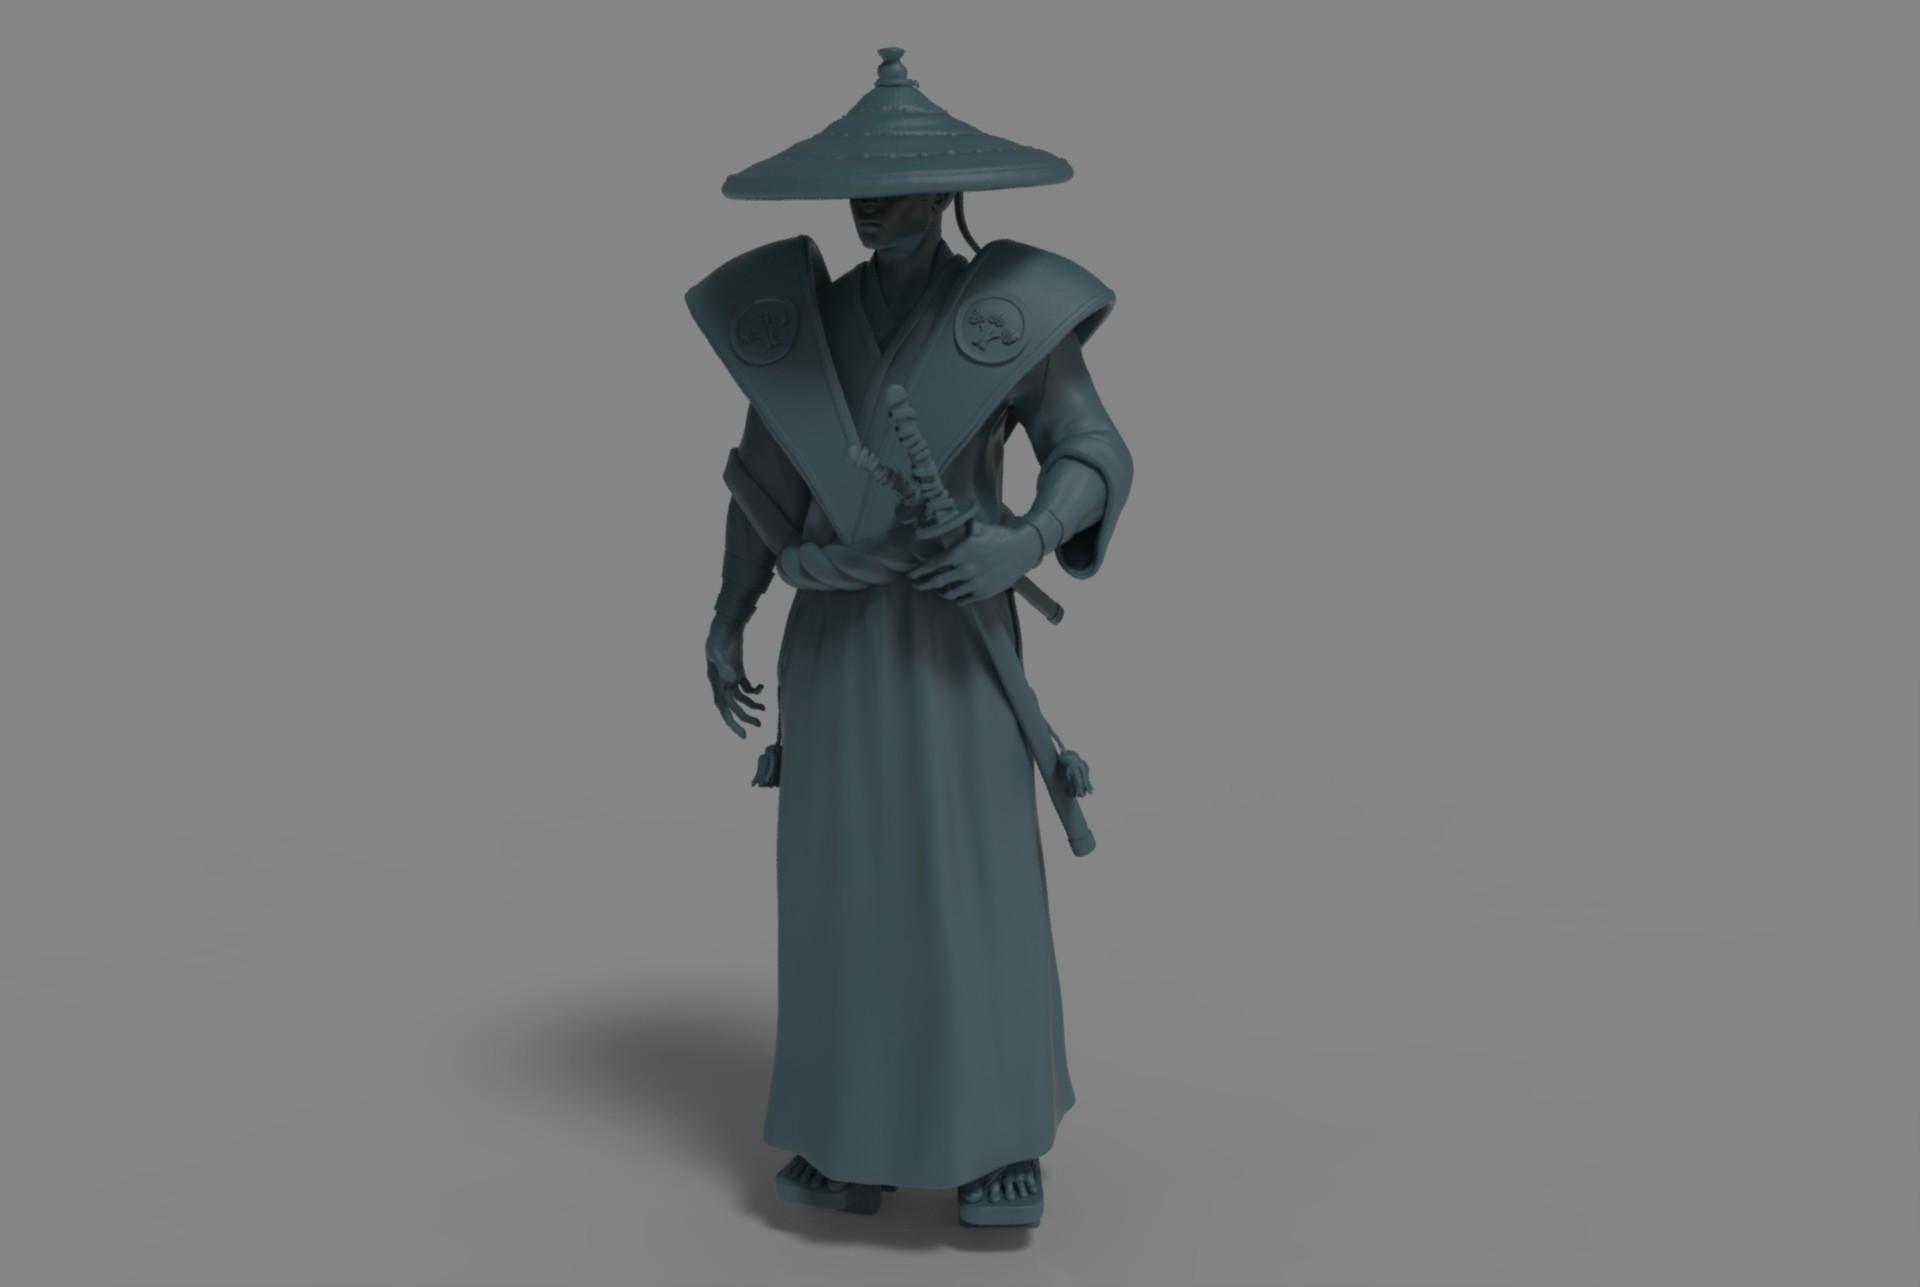 Boyan kazalov samuraikeyshotrenderpractice